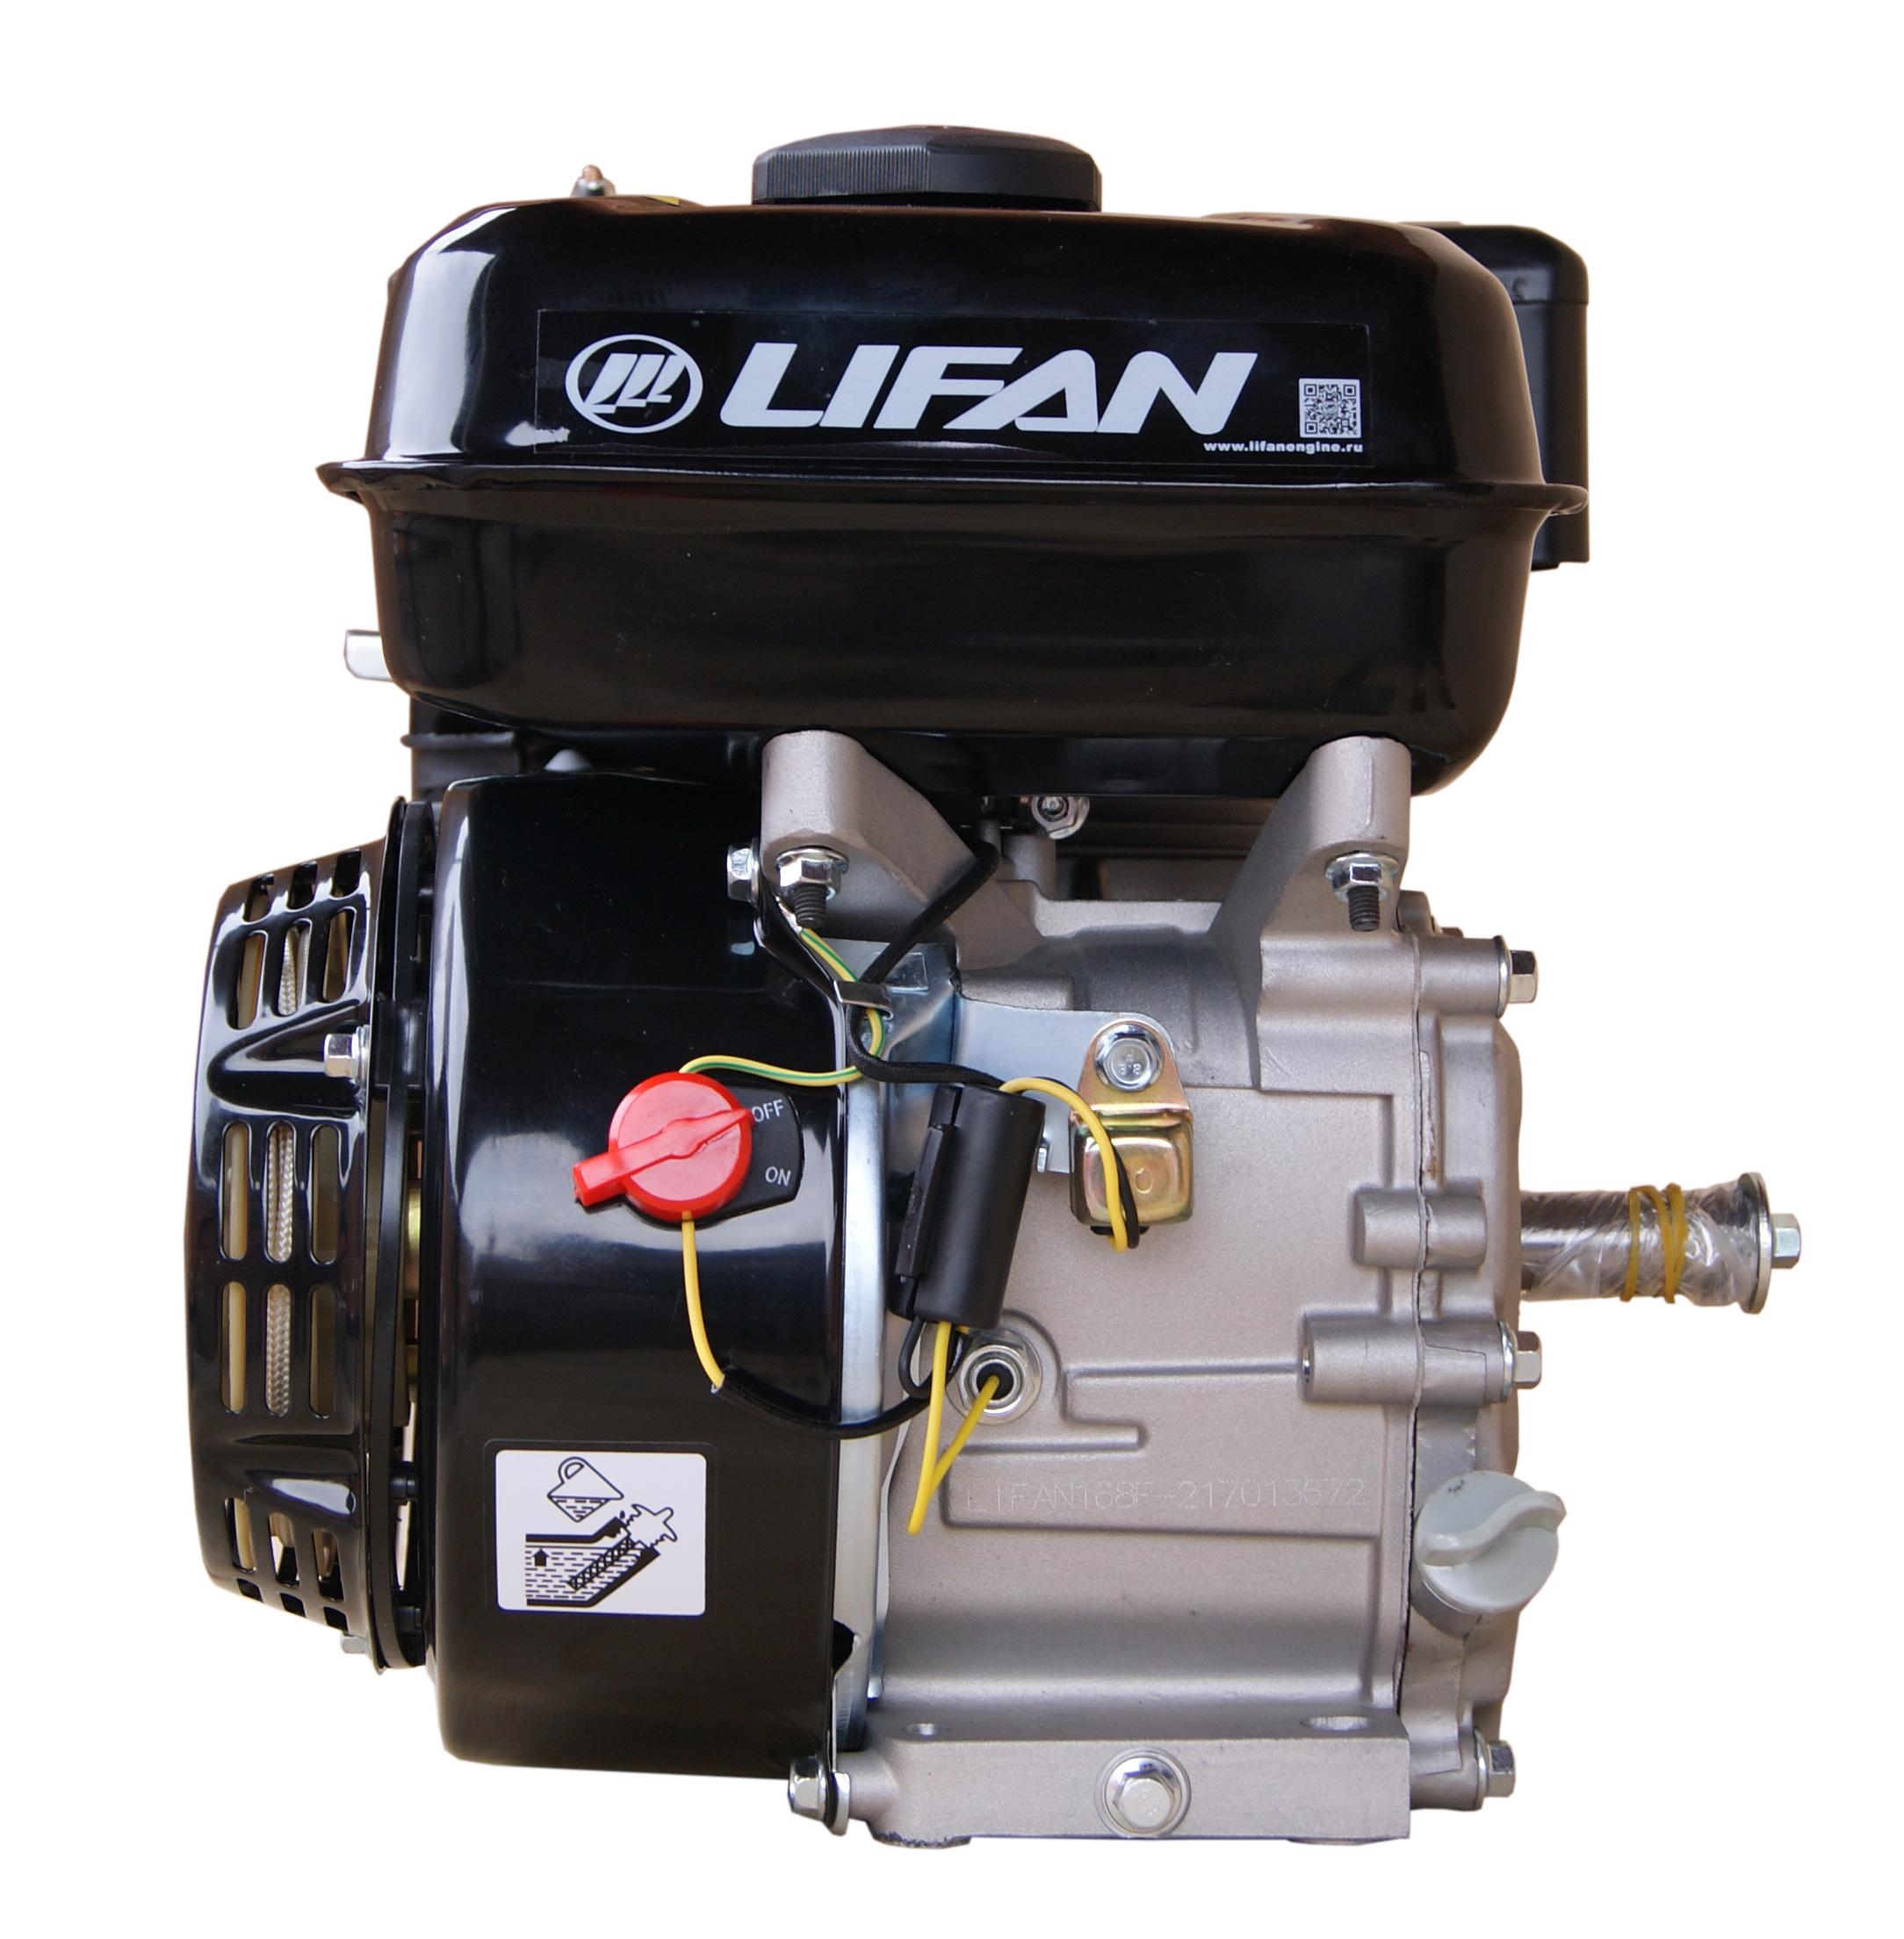 Двигатель Lifan 170Fd - Автомобили и Машины